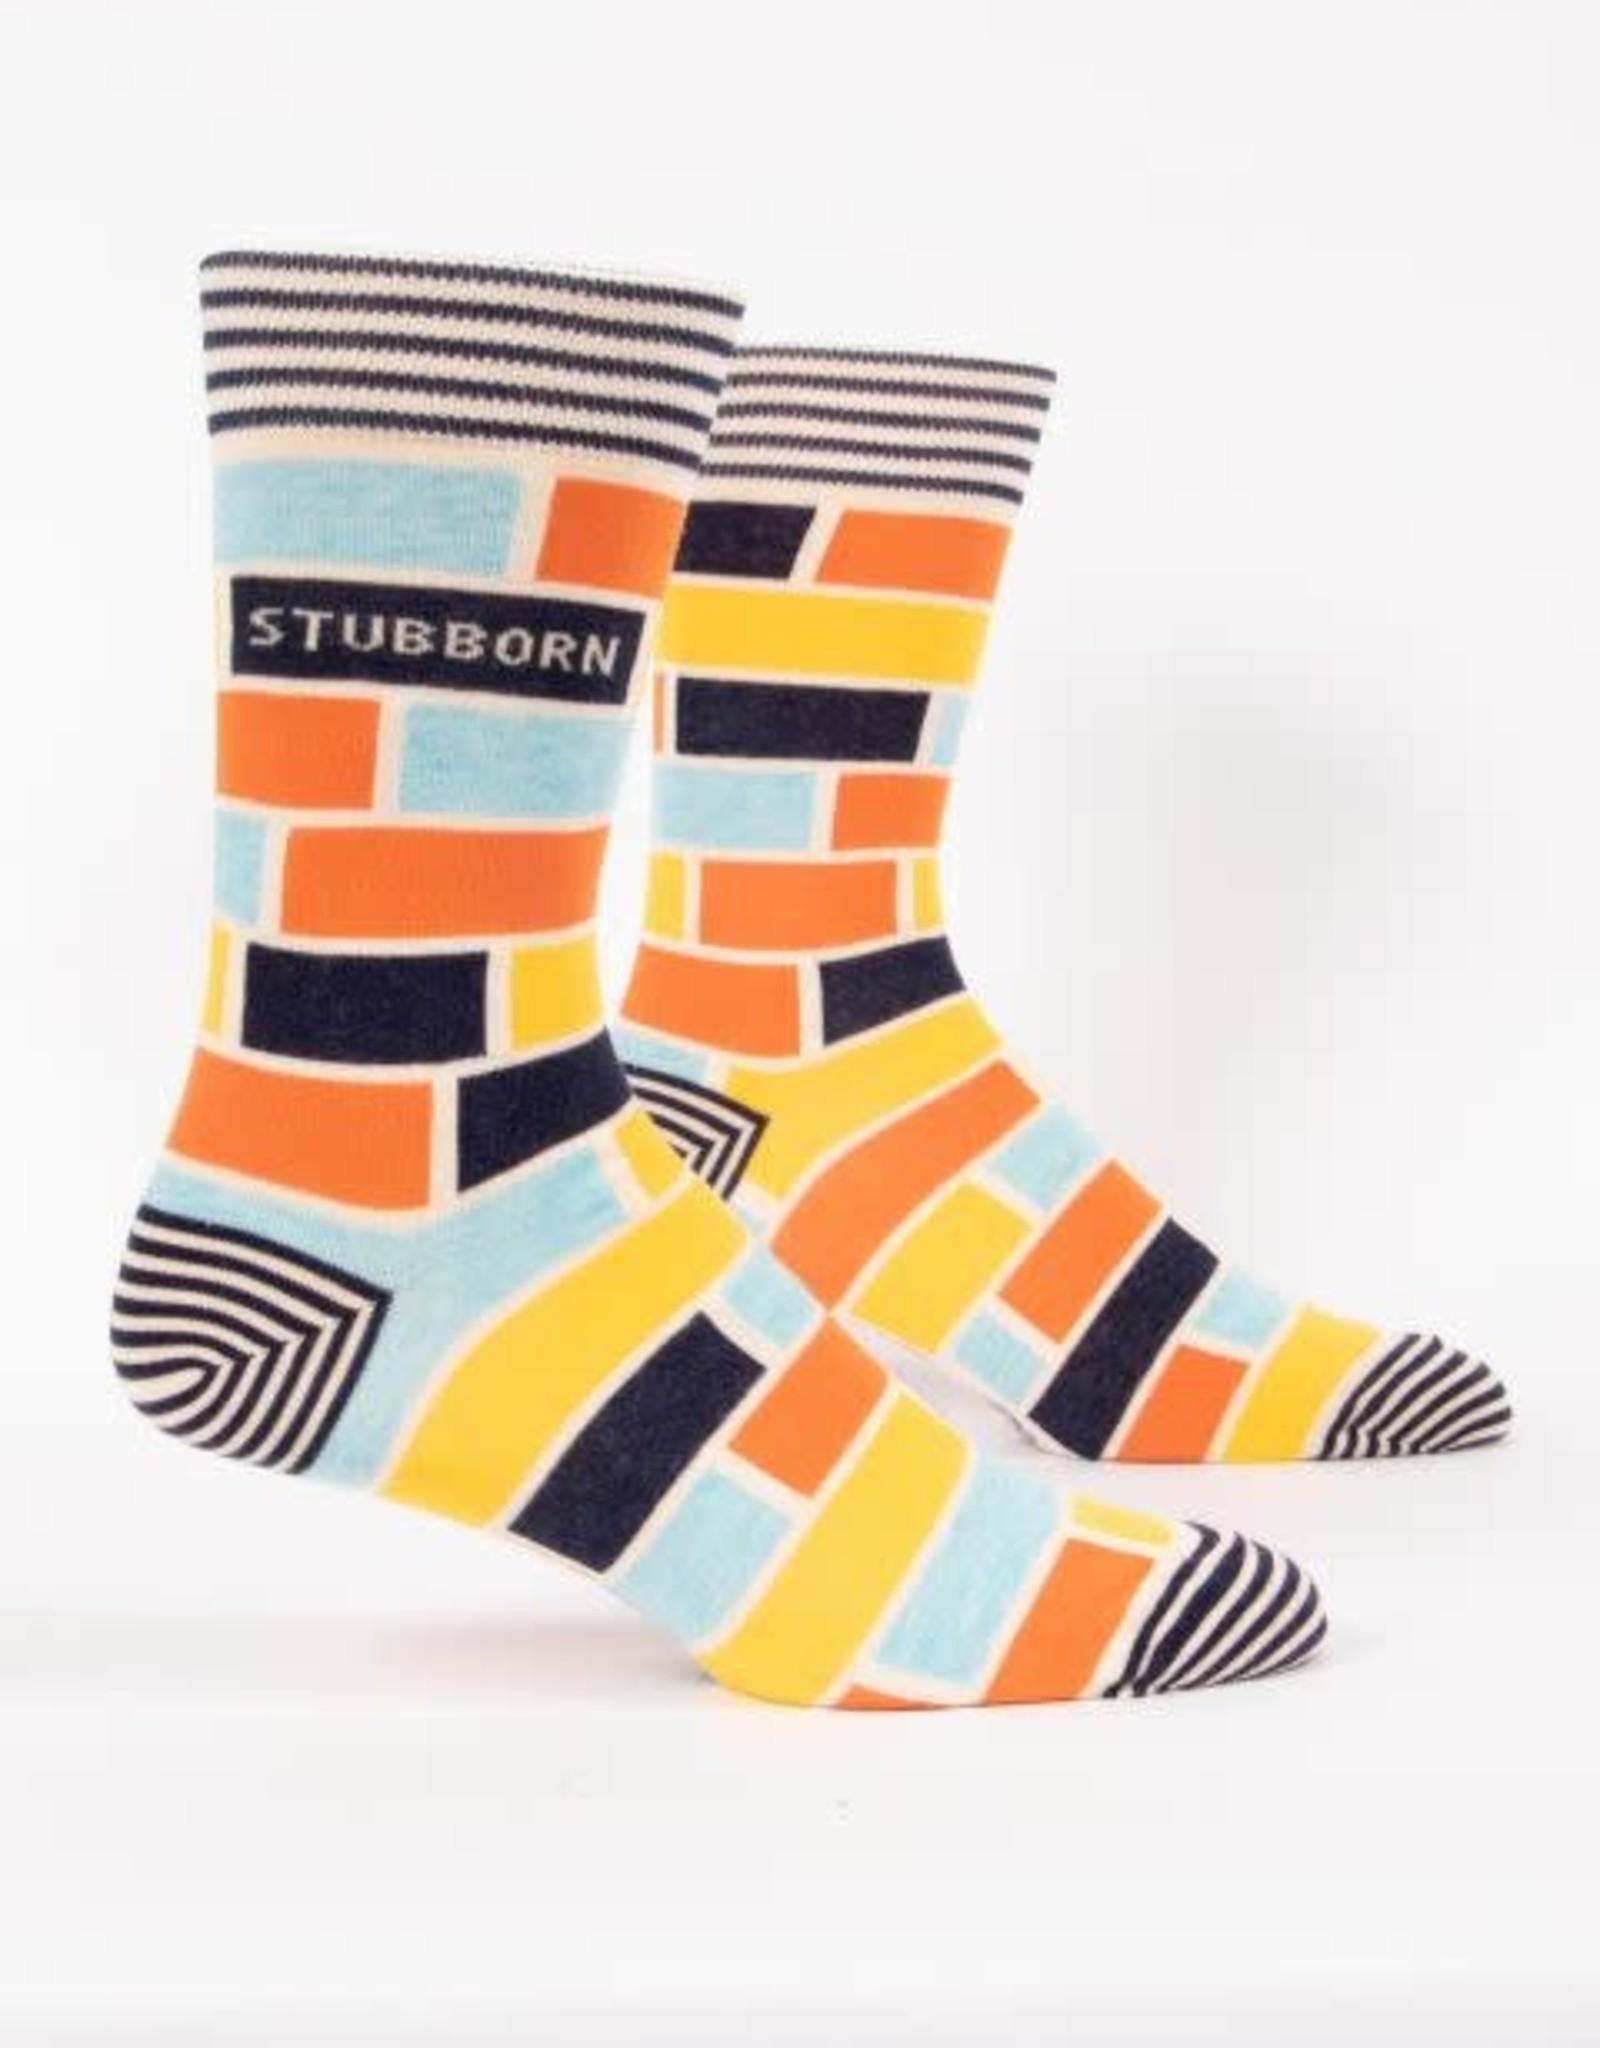 Stubborn Men's Socks